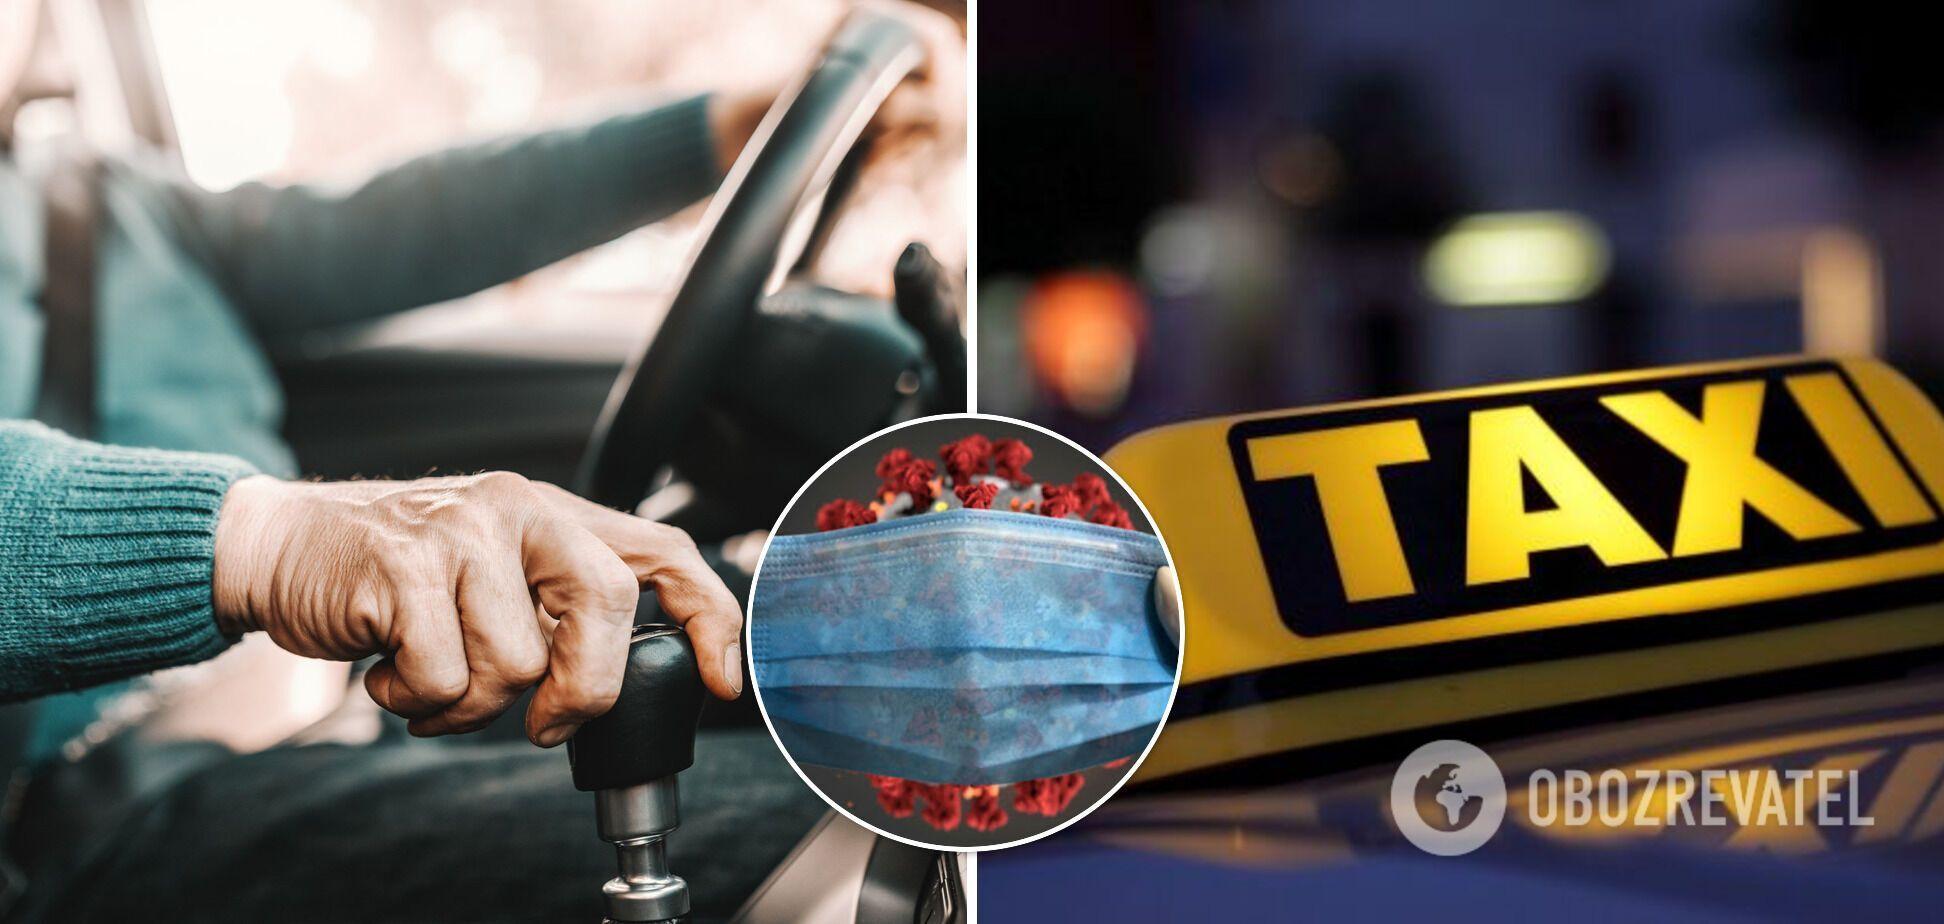 У Дніпрі водій таксі вигнав жінку із салону за те, що вона попросила його надягнути маску